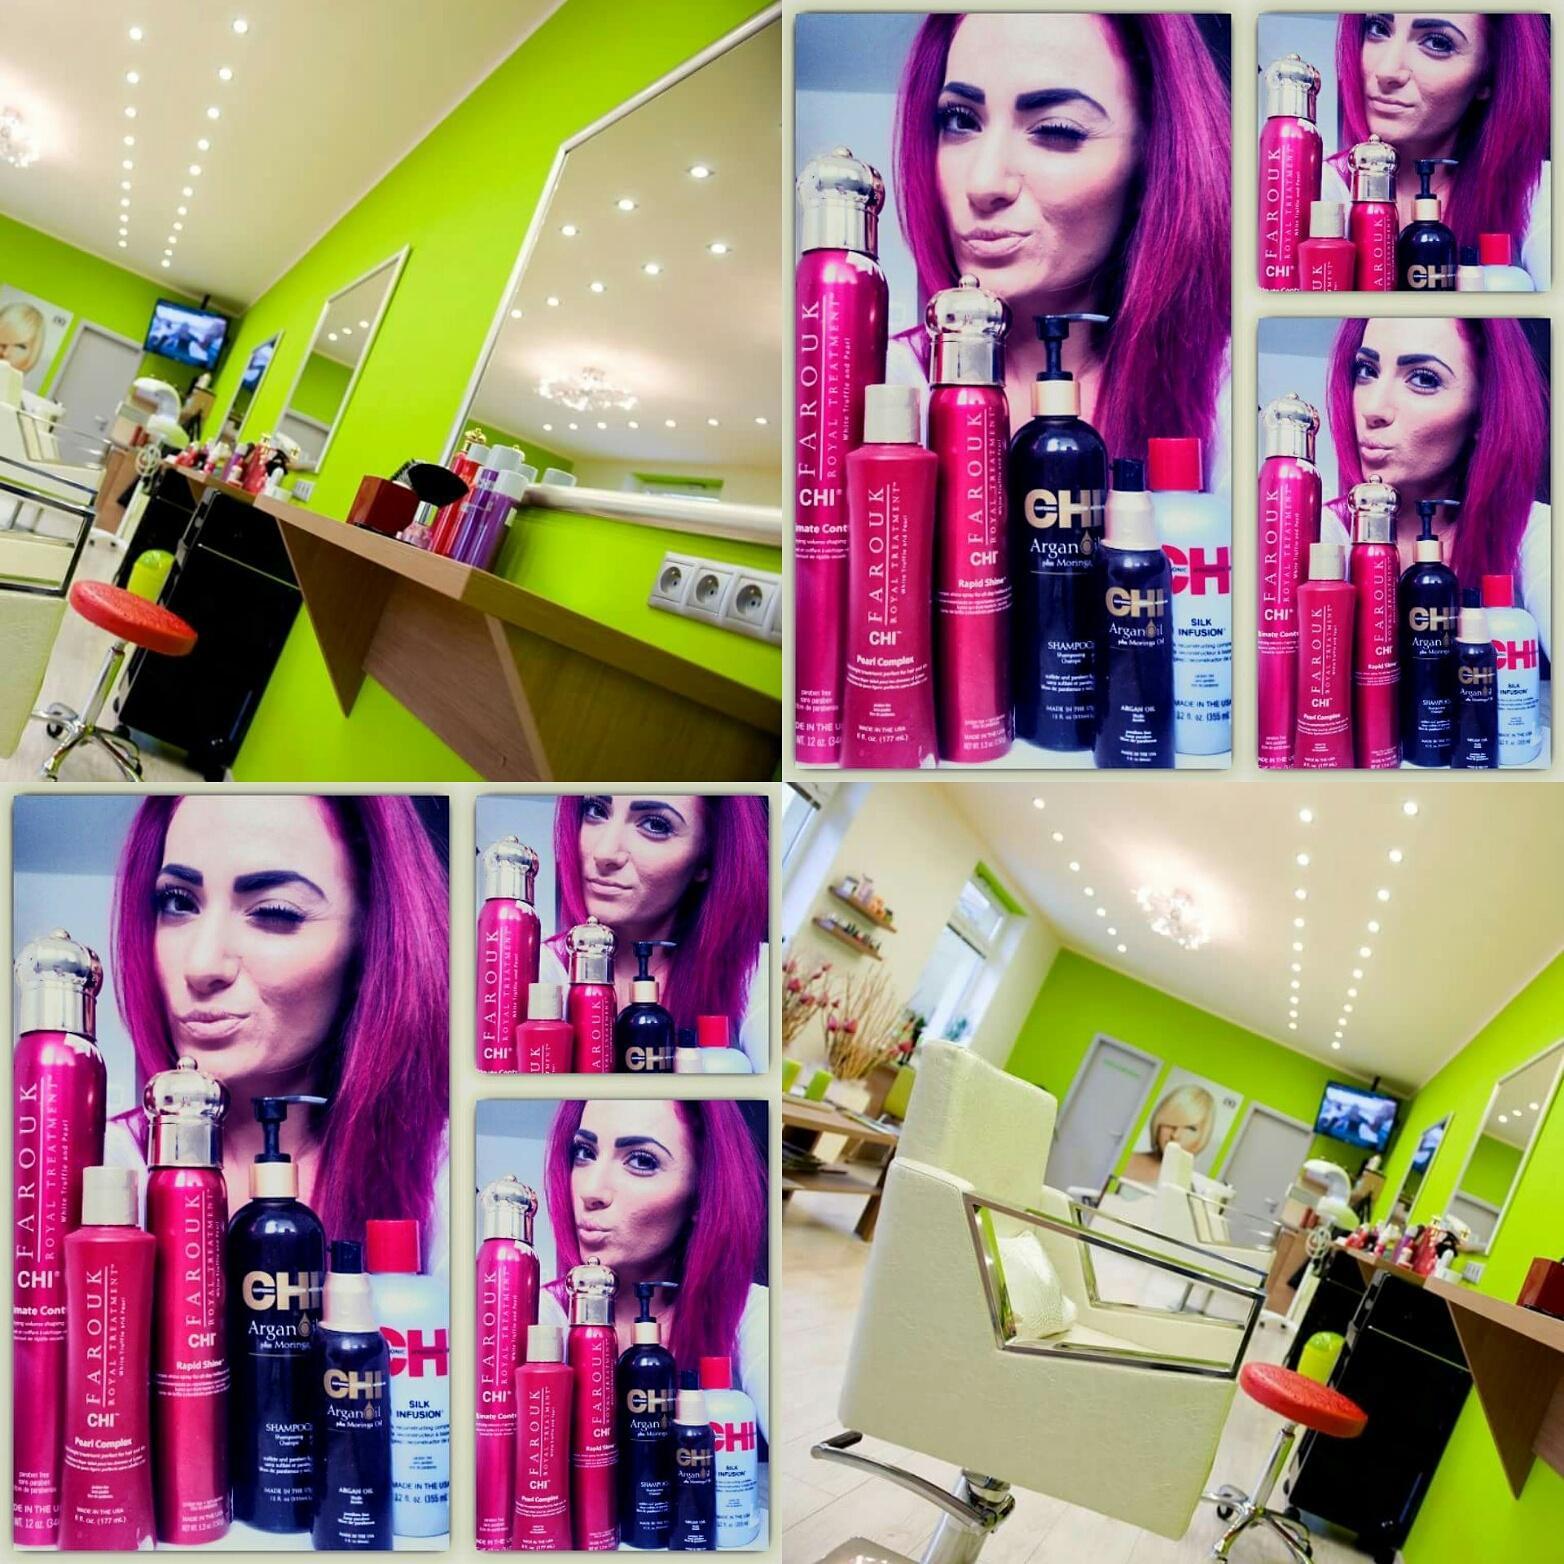 """♥ Ą&ƴ ♥ 7. 7. 2017 - O uces a make up sa postara """"Maria Kiskova - hairstylist & make-up artist"""" :-)"""